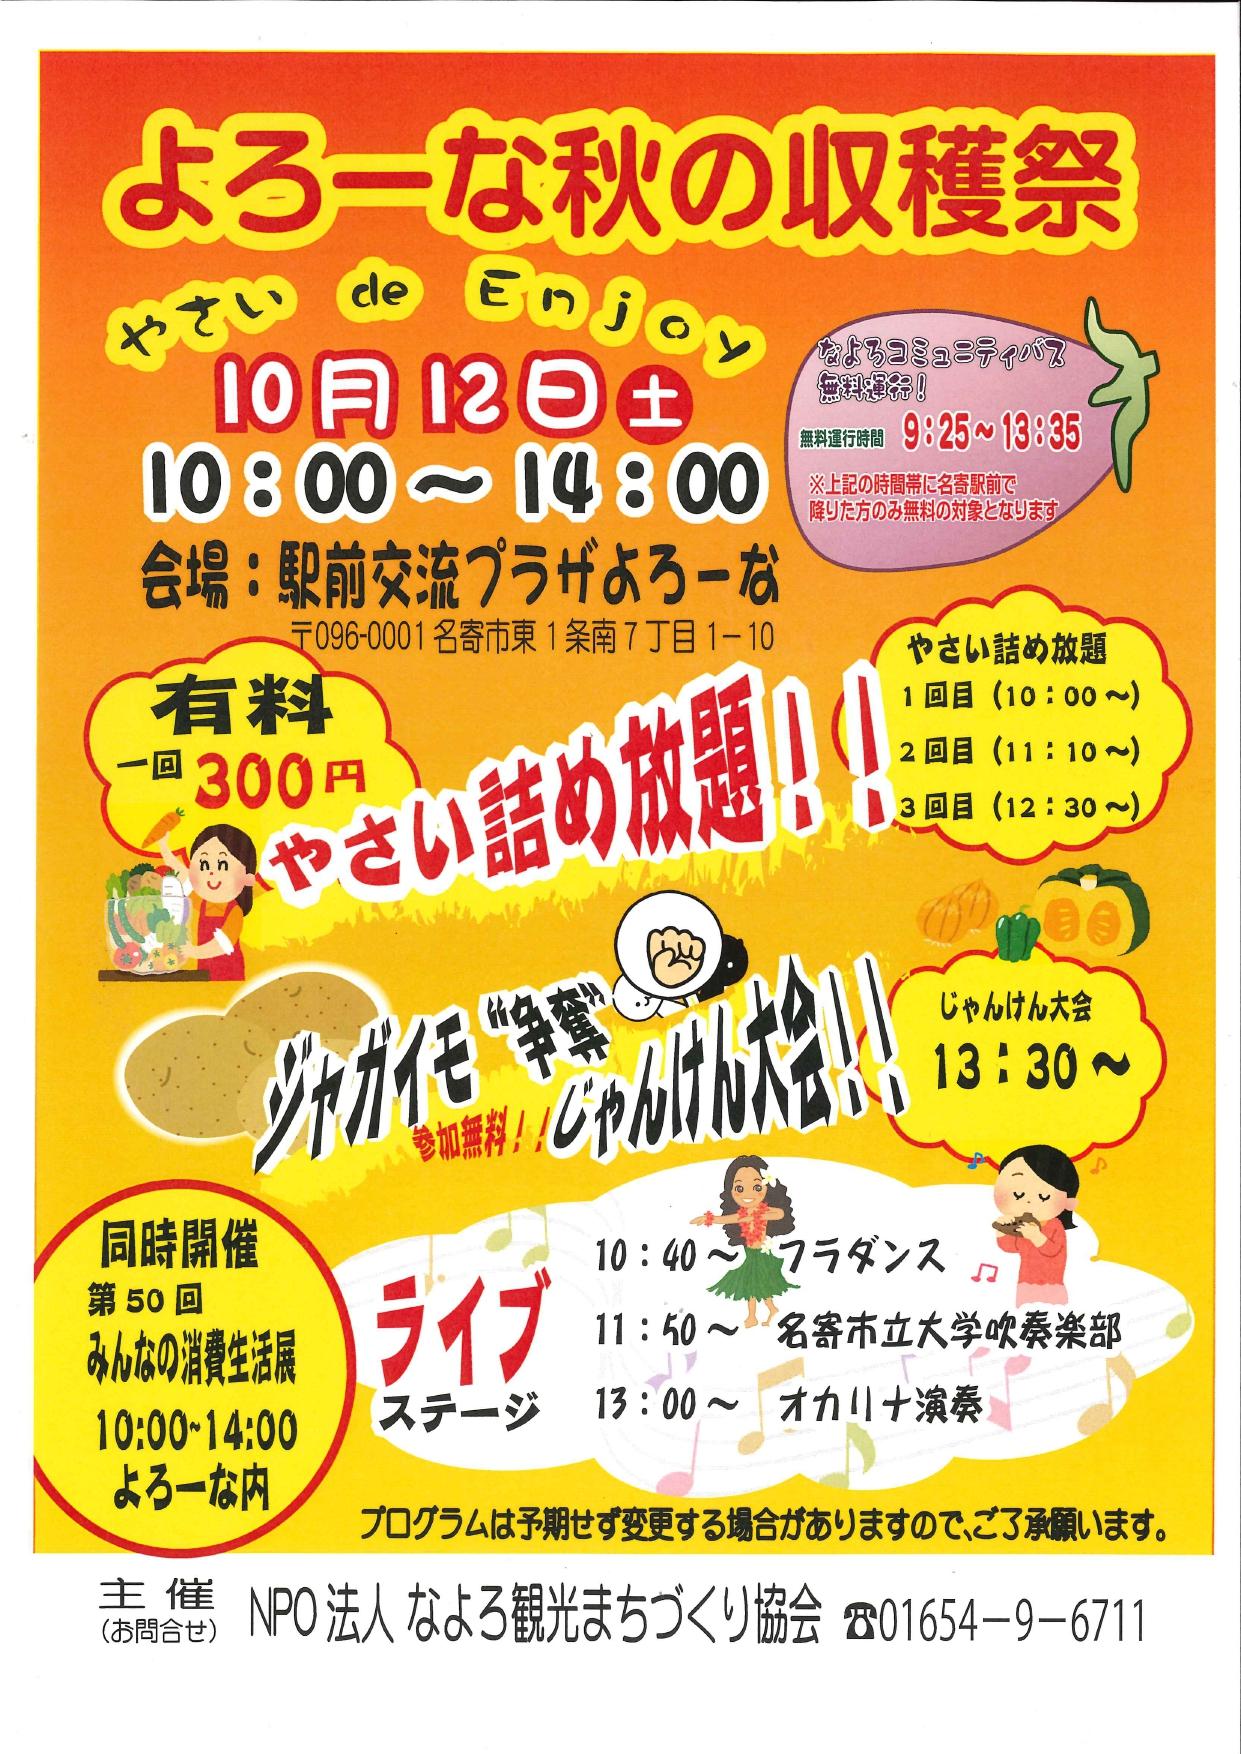 【よろーな秋の収穫祭】